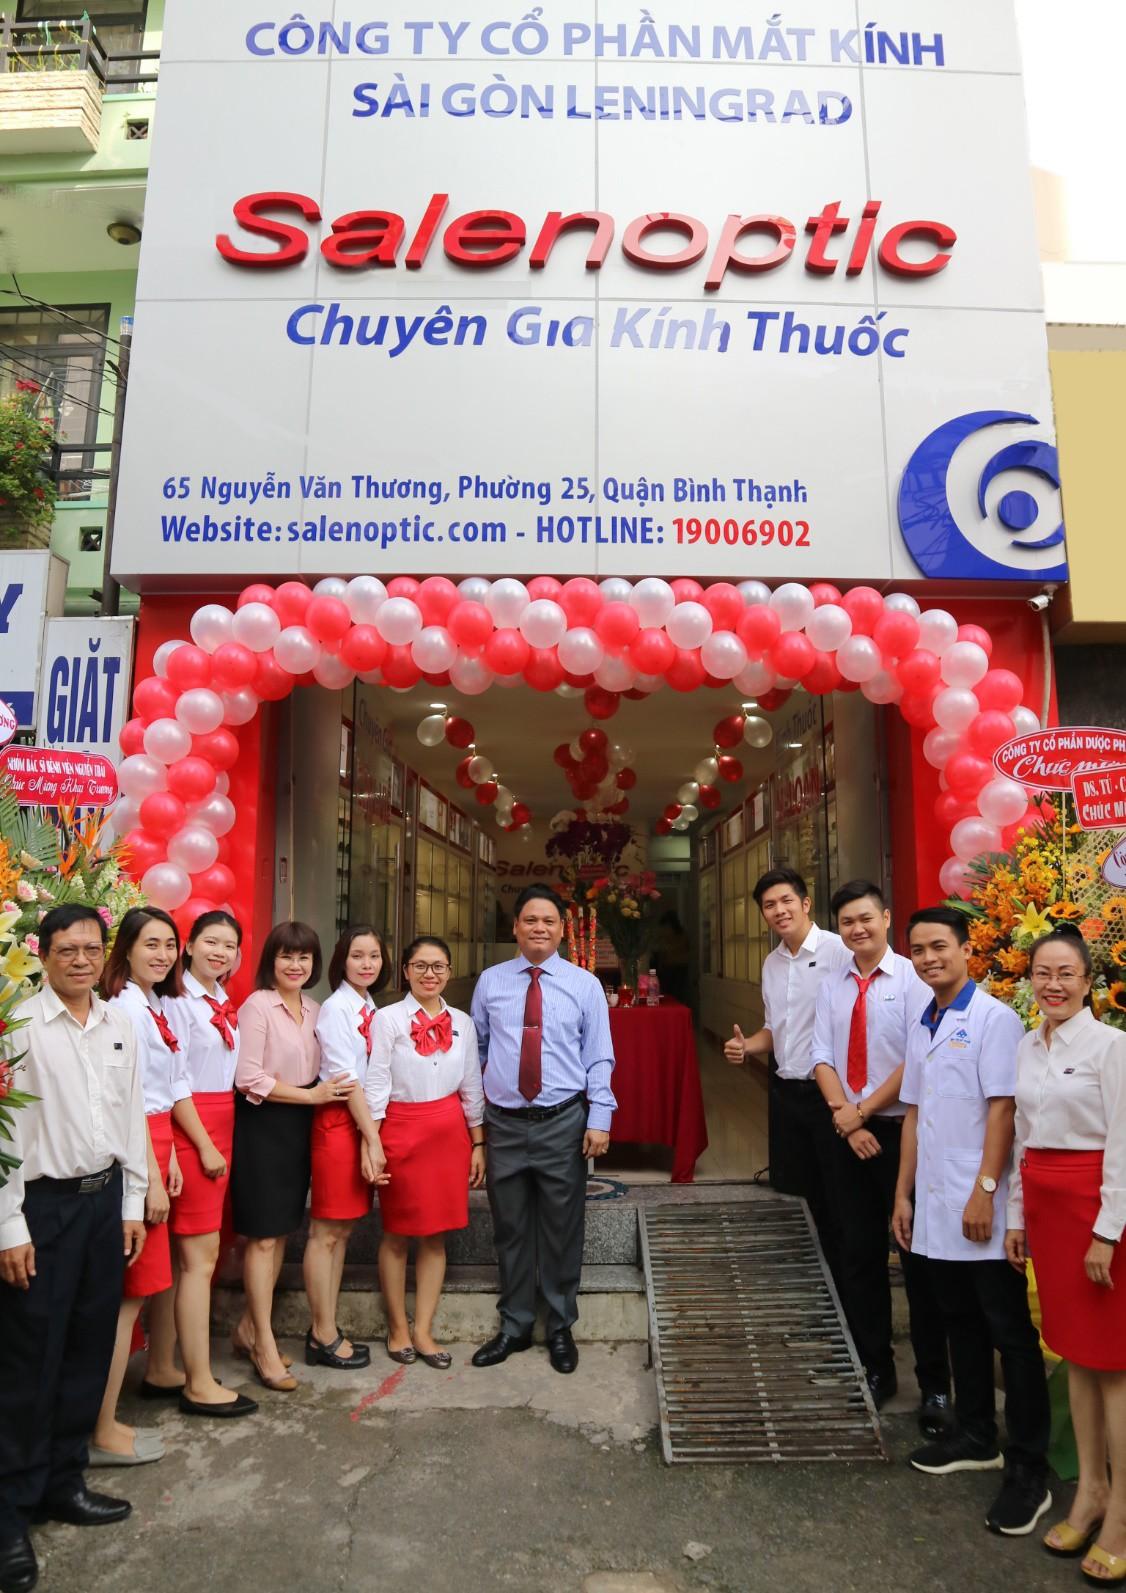 Mắt kính Salenoptic khai trương cửa hàng 65 Nguyễn Văn Thương - Ảnh 1.